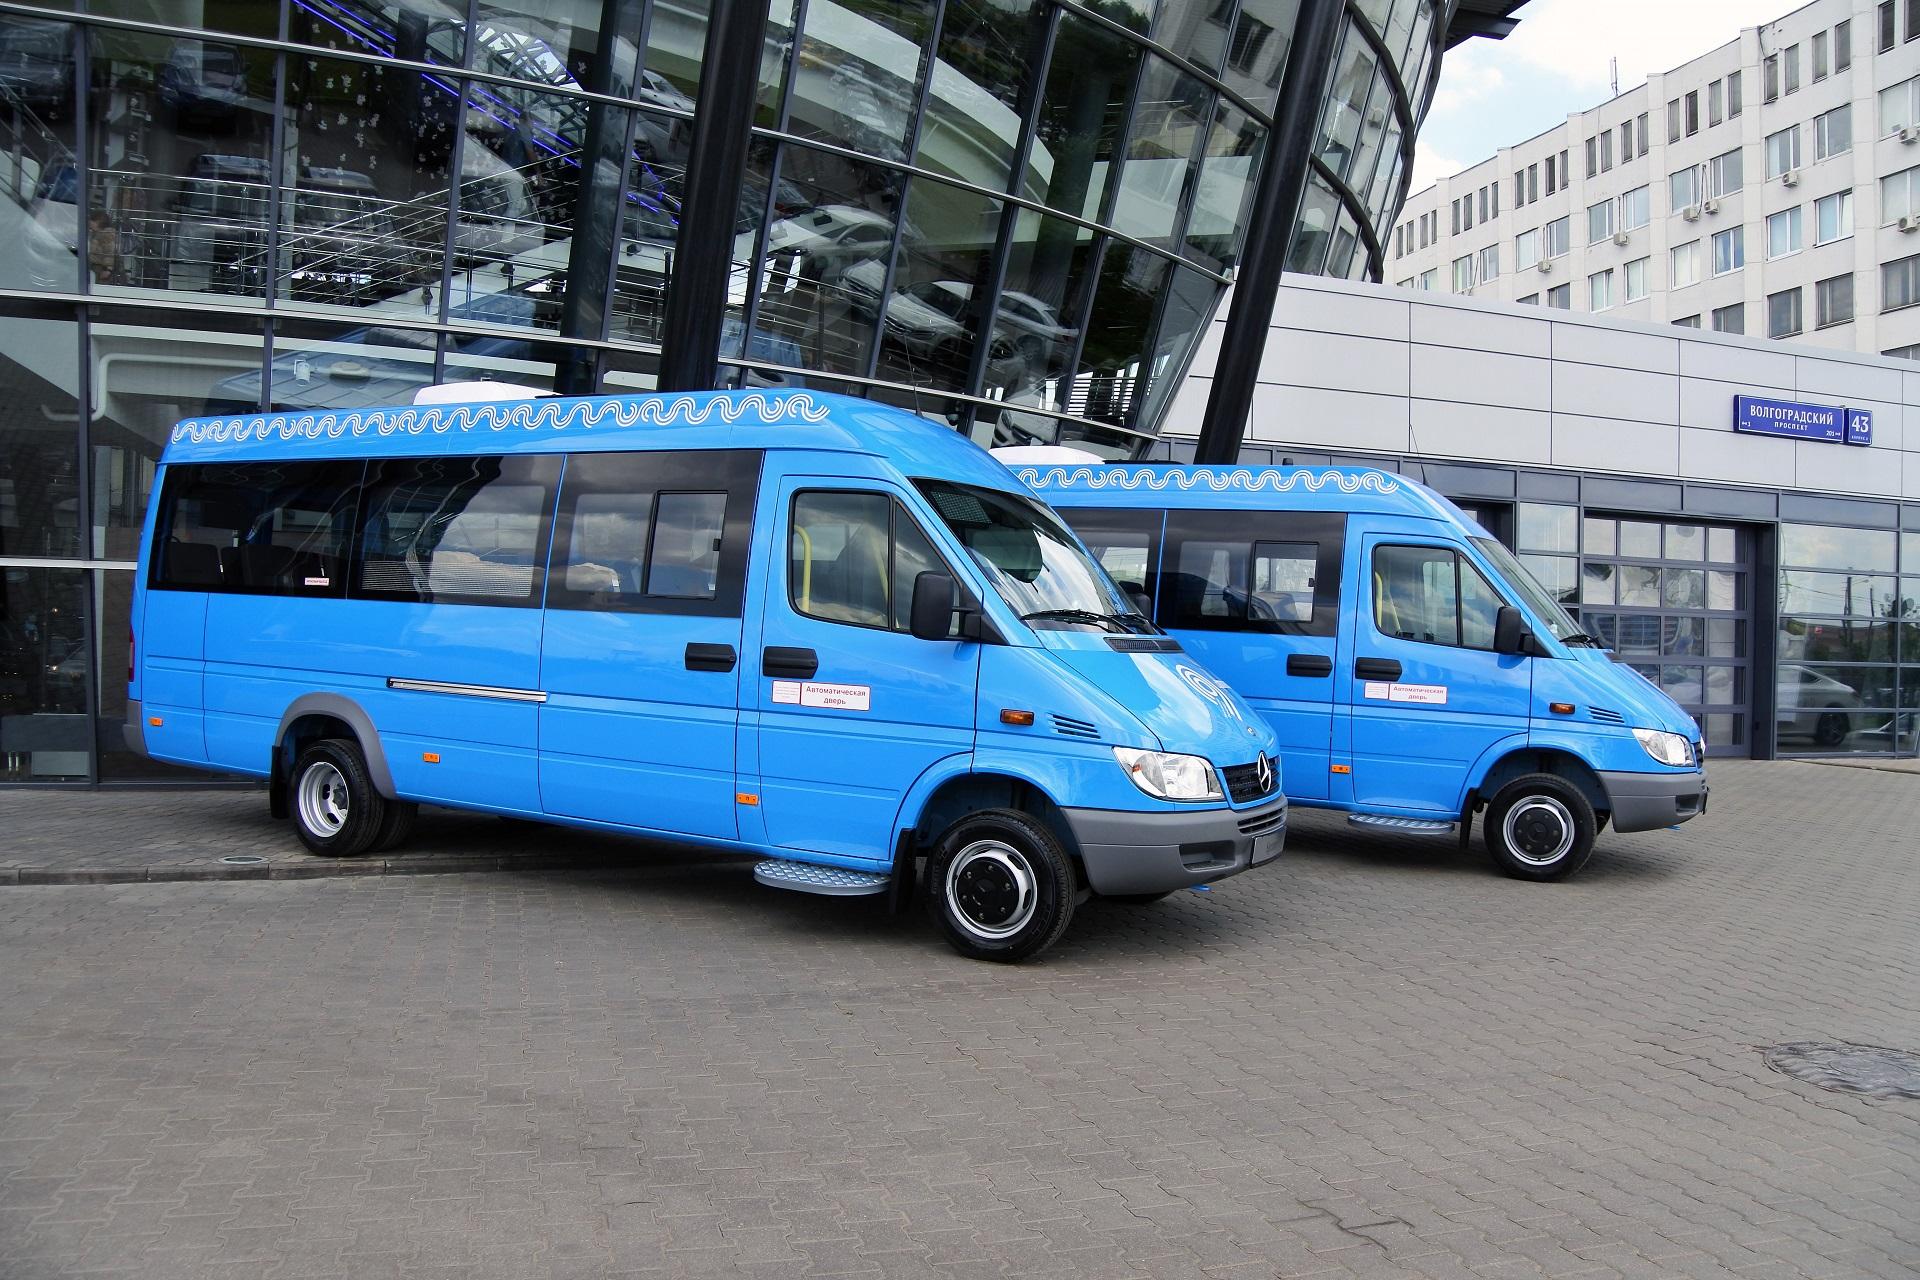 102 маршрутных такси Mercedes-Benz Sprinter Classic на улицах Москвы